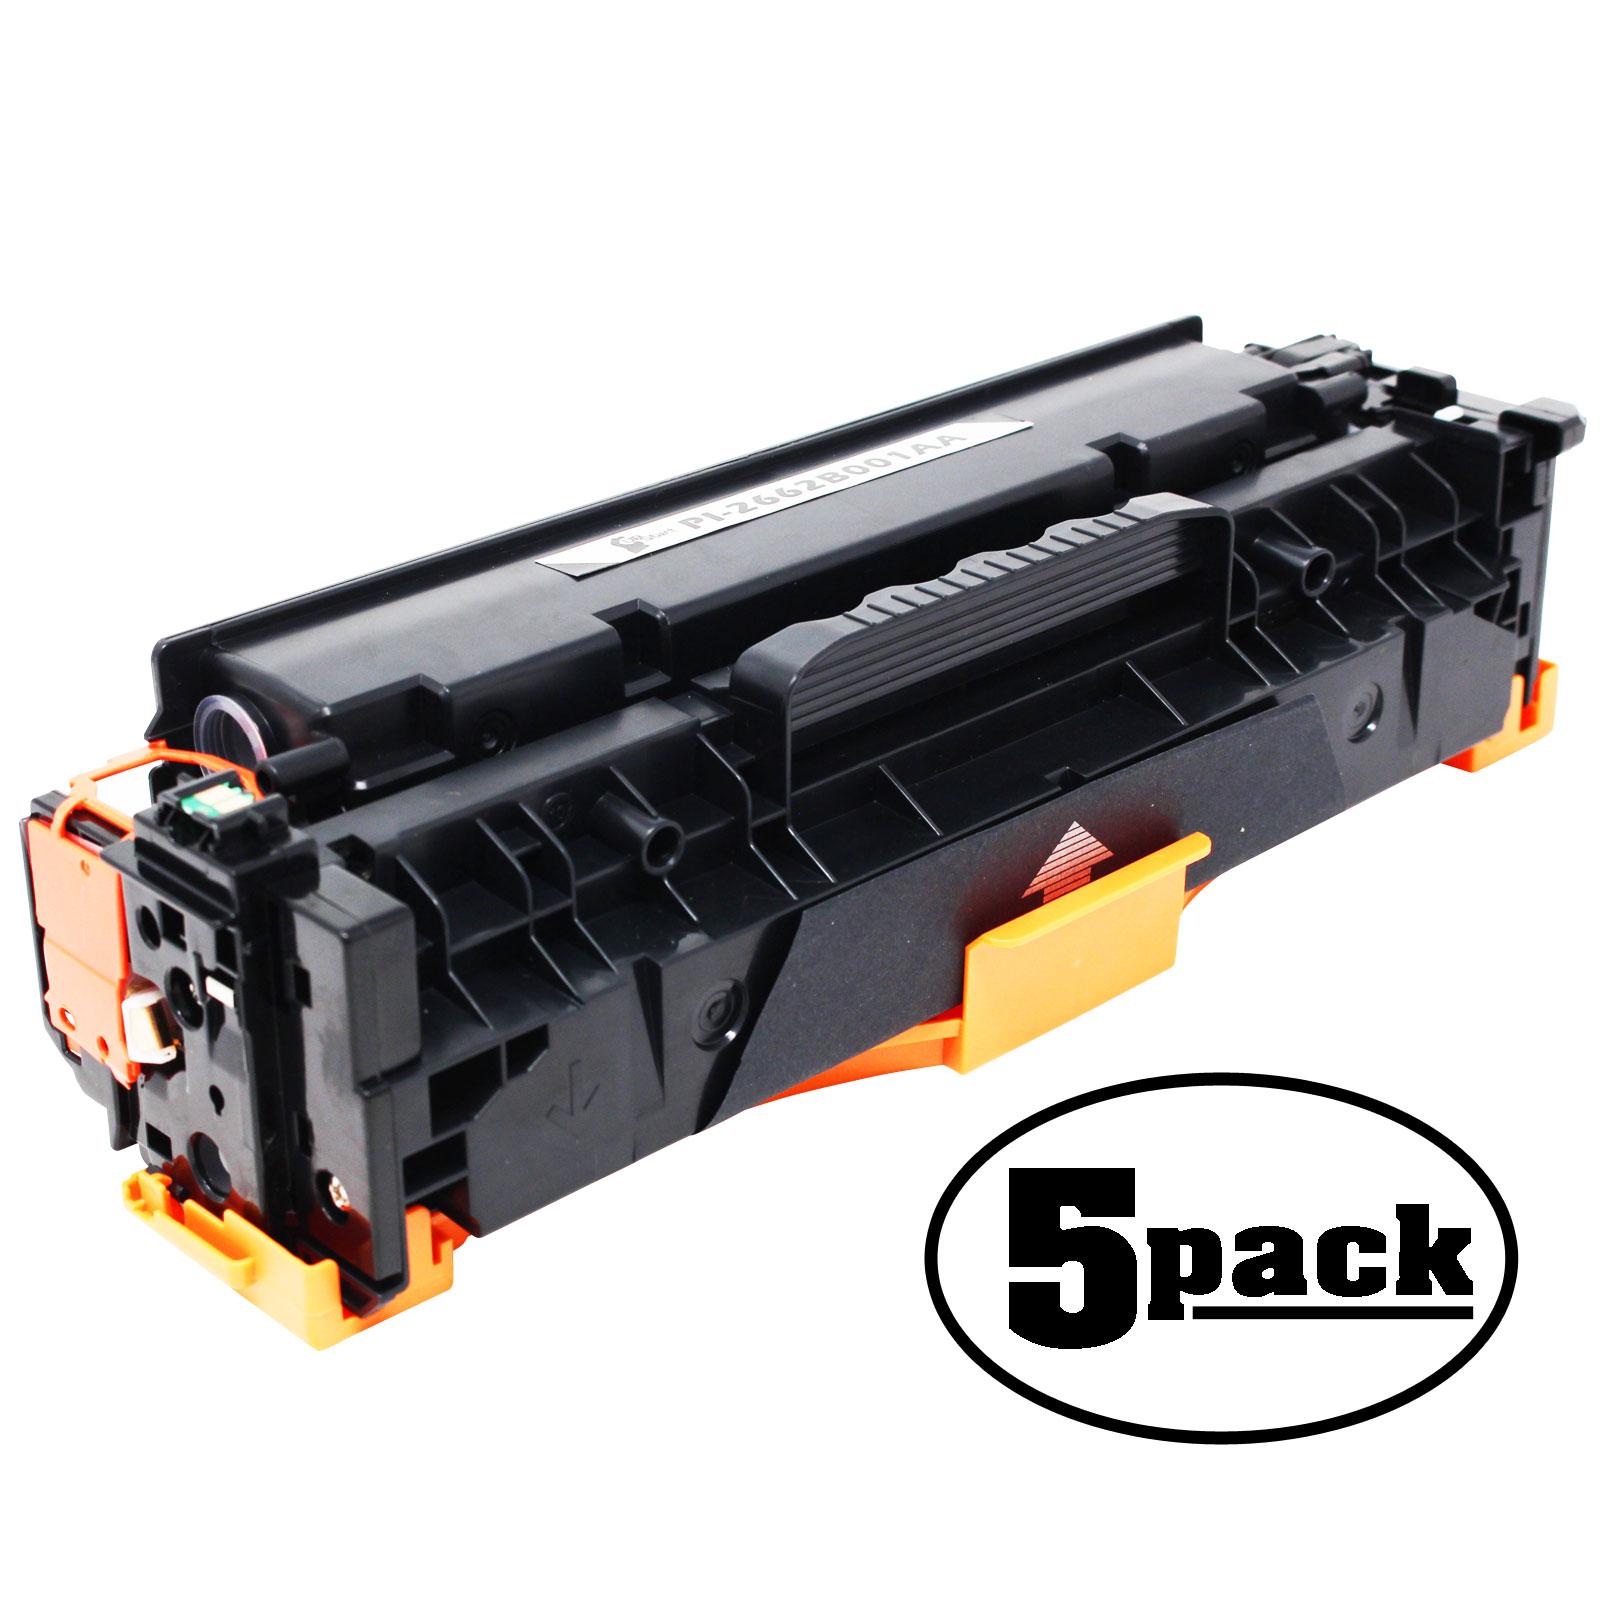 Black Laser Toner Cartridge for Canon ImageClass MF8350CDN MF8300 Series Printer